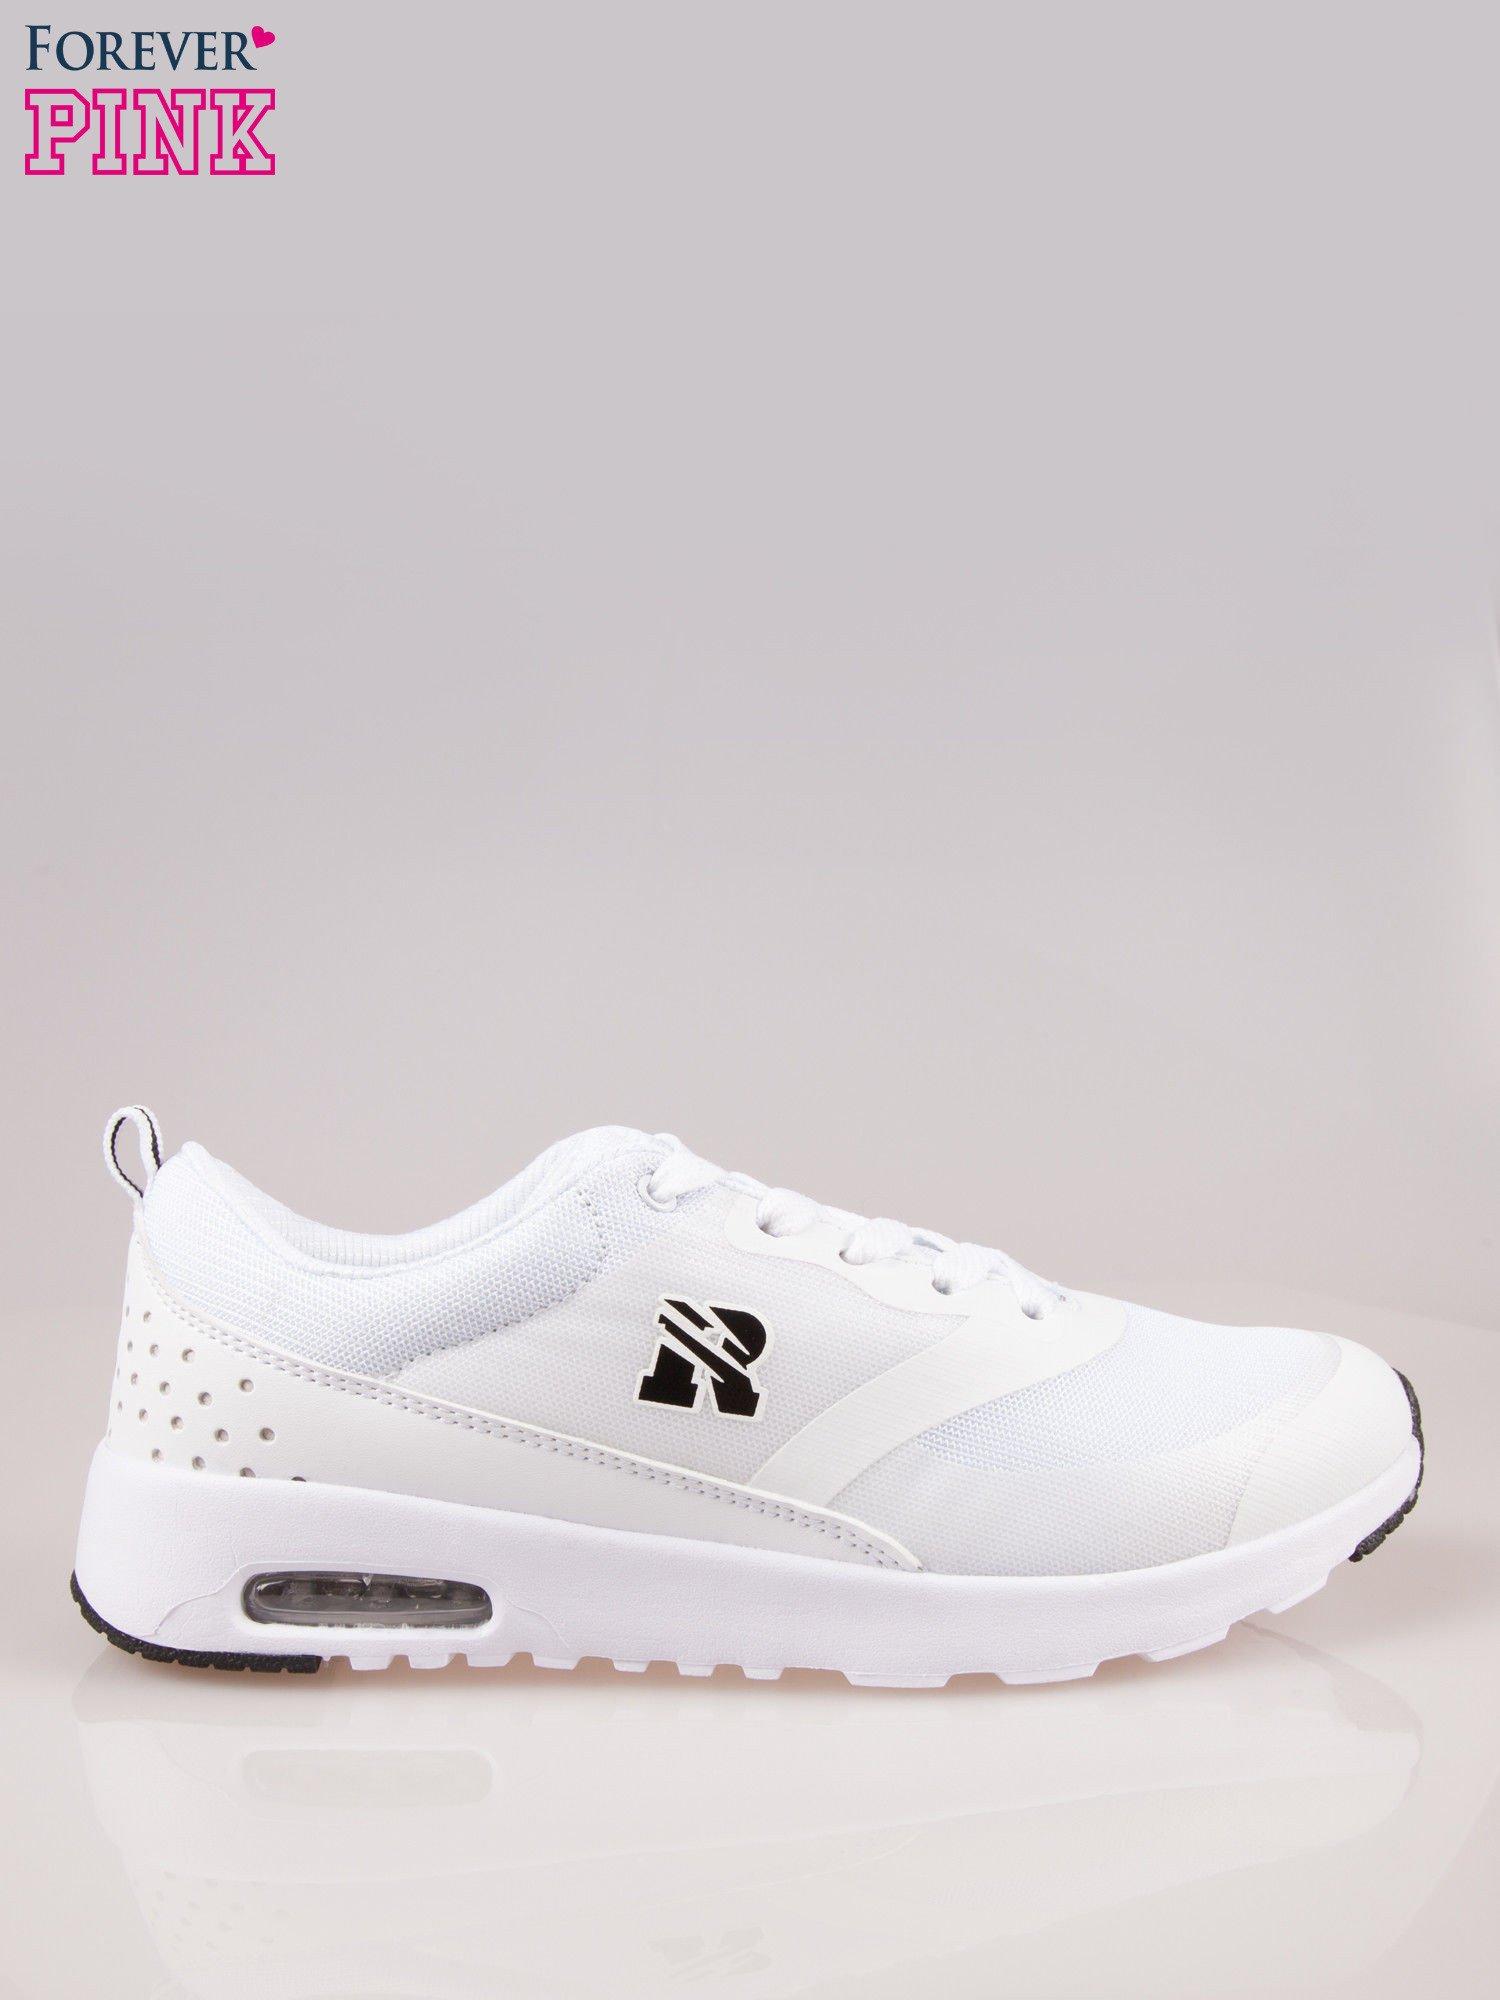 Białe buty sportowe damskie z siateczką i poduszką powietrzną w podeszwie                                  zdj.                                  1